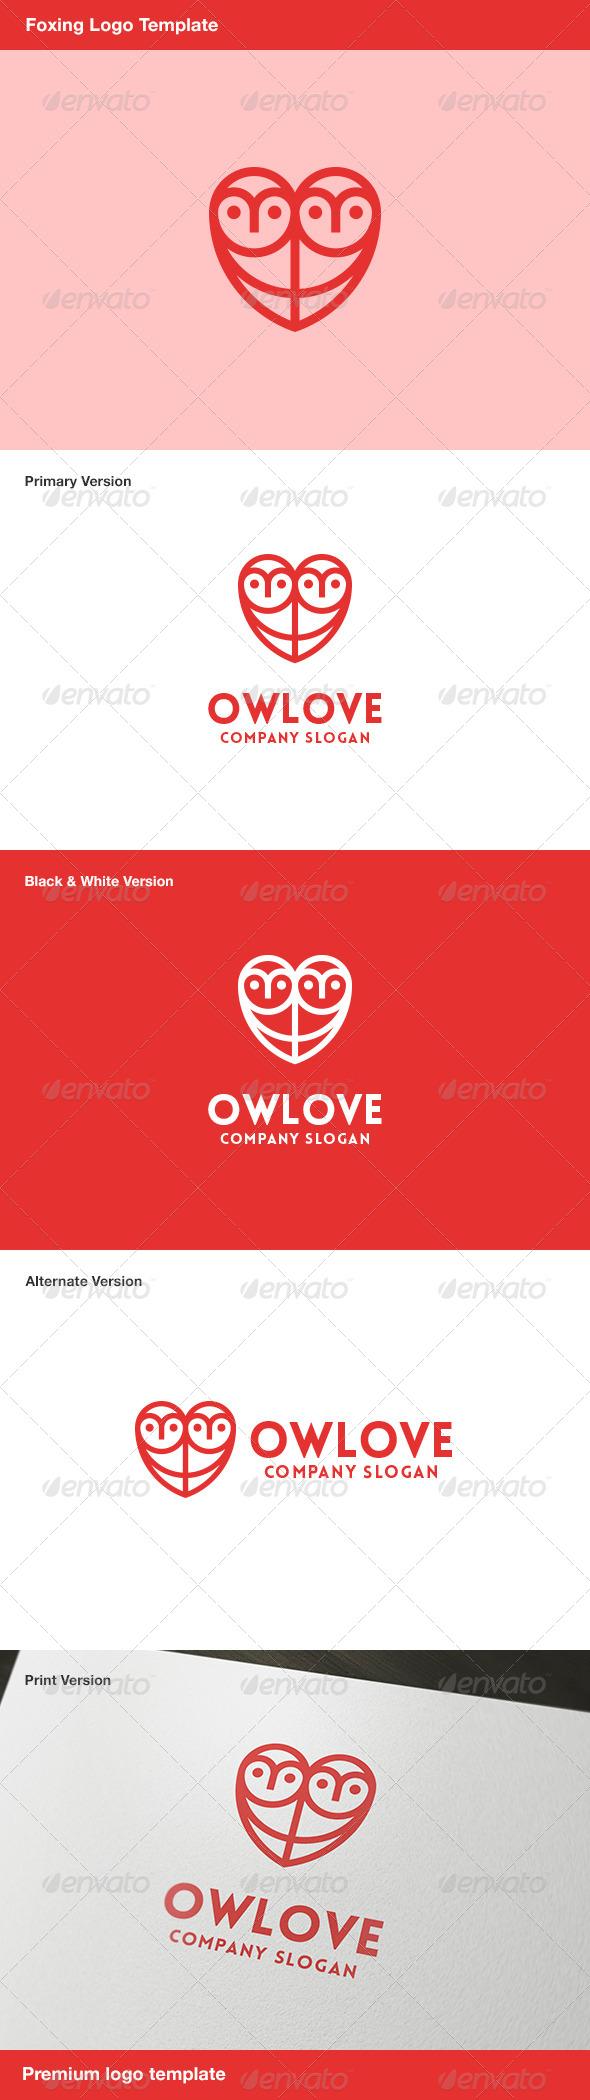 GraphicRiver Owlove Owl & Heart Logo 7859831